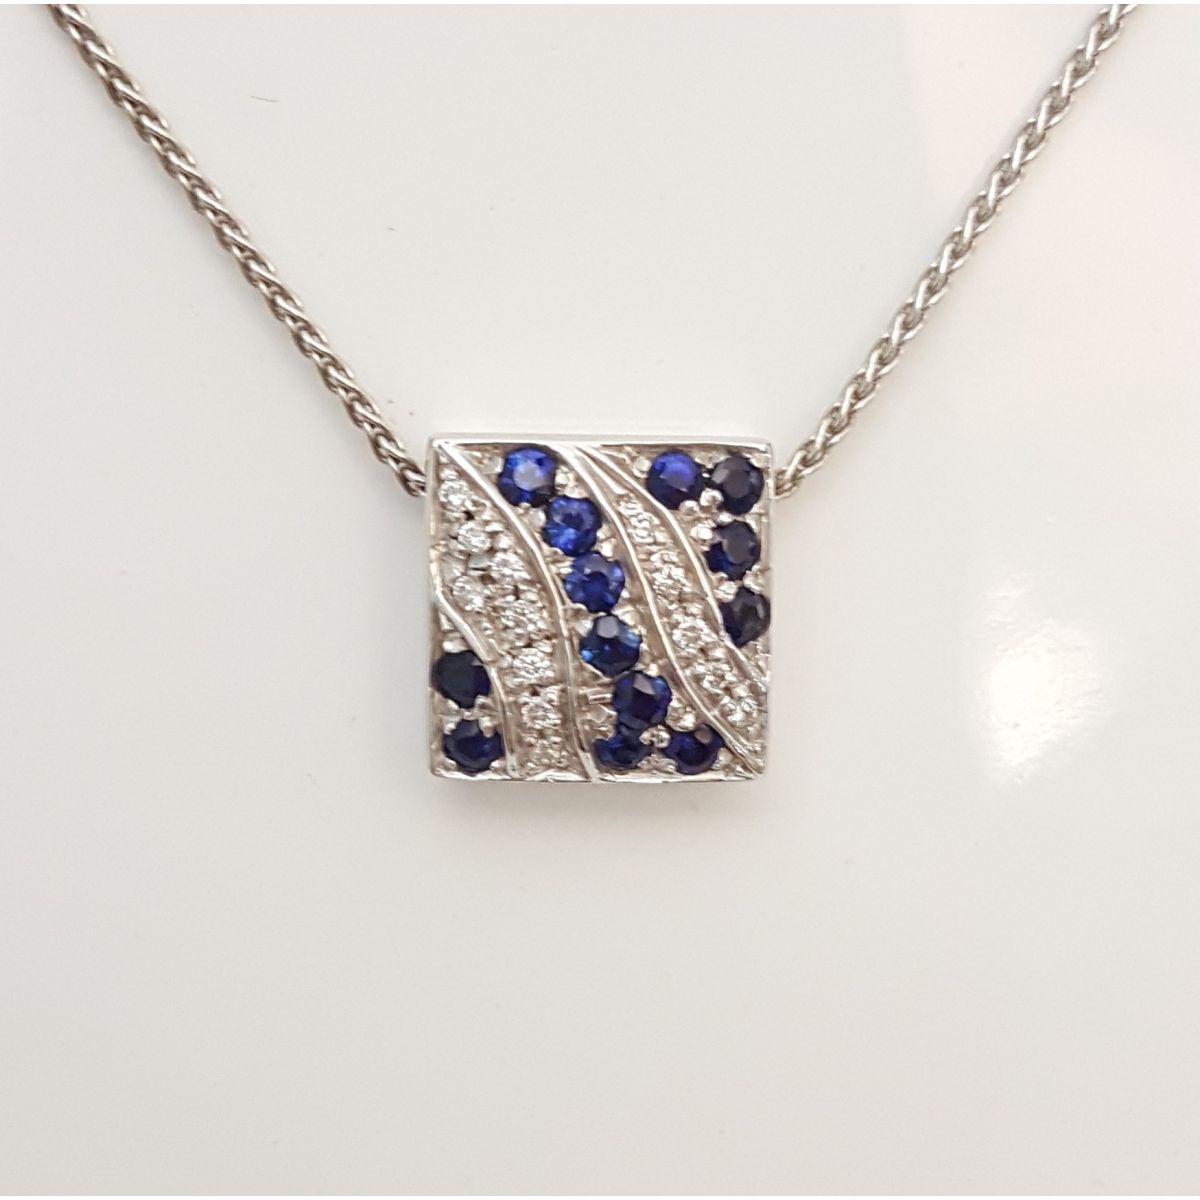 Collana Yukiko KCLD427-Z in Oro Bianco con Pendente con Diamanti e Zaffiri